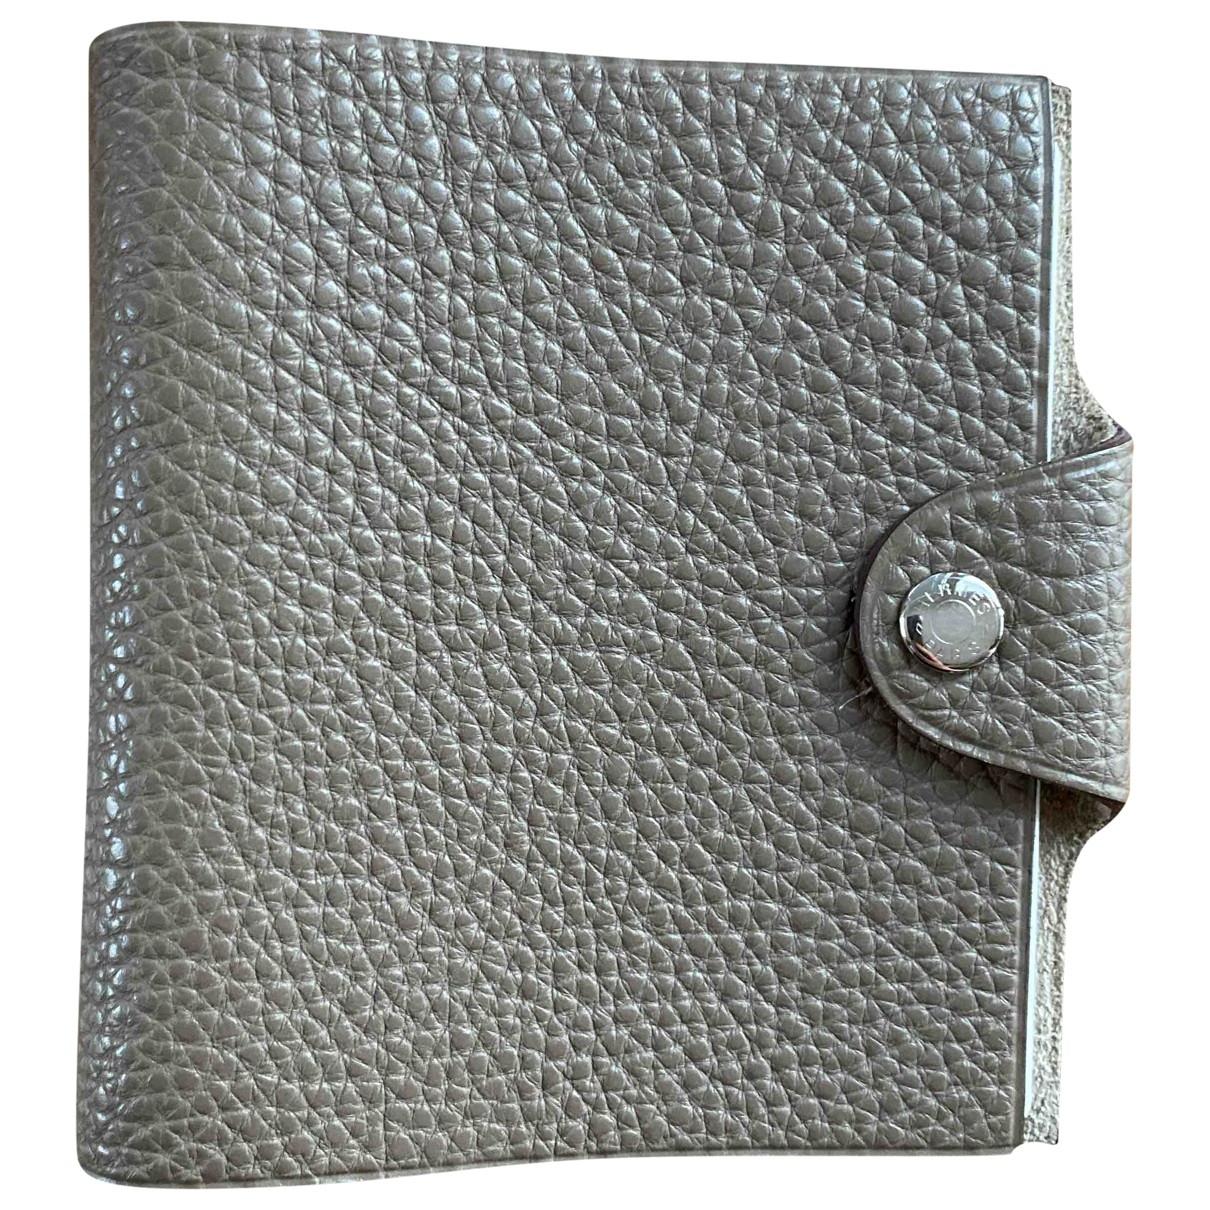 Hermes - Objets & Deco Ulysse PM pour lifestyle en cuir - gris